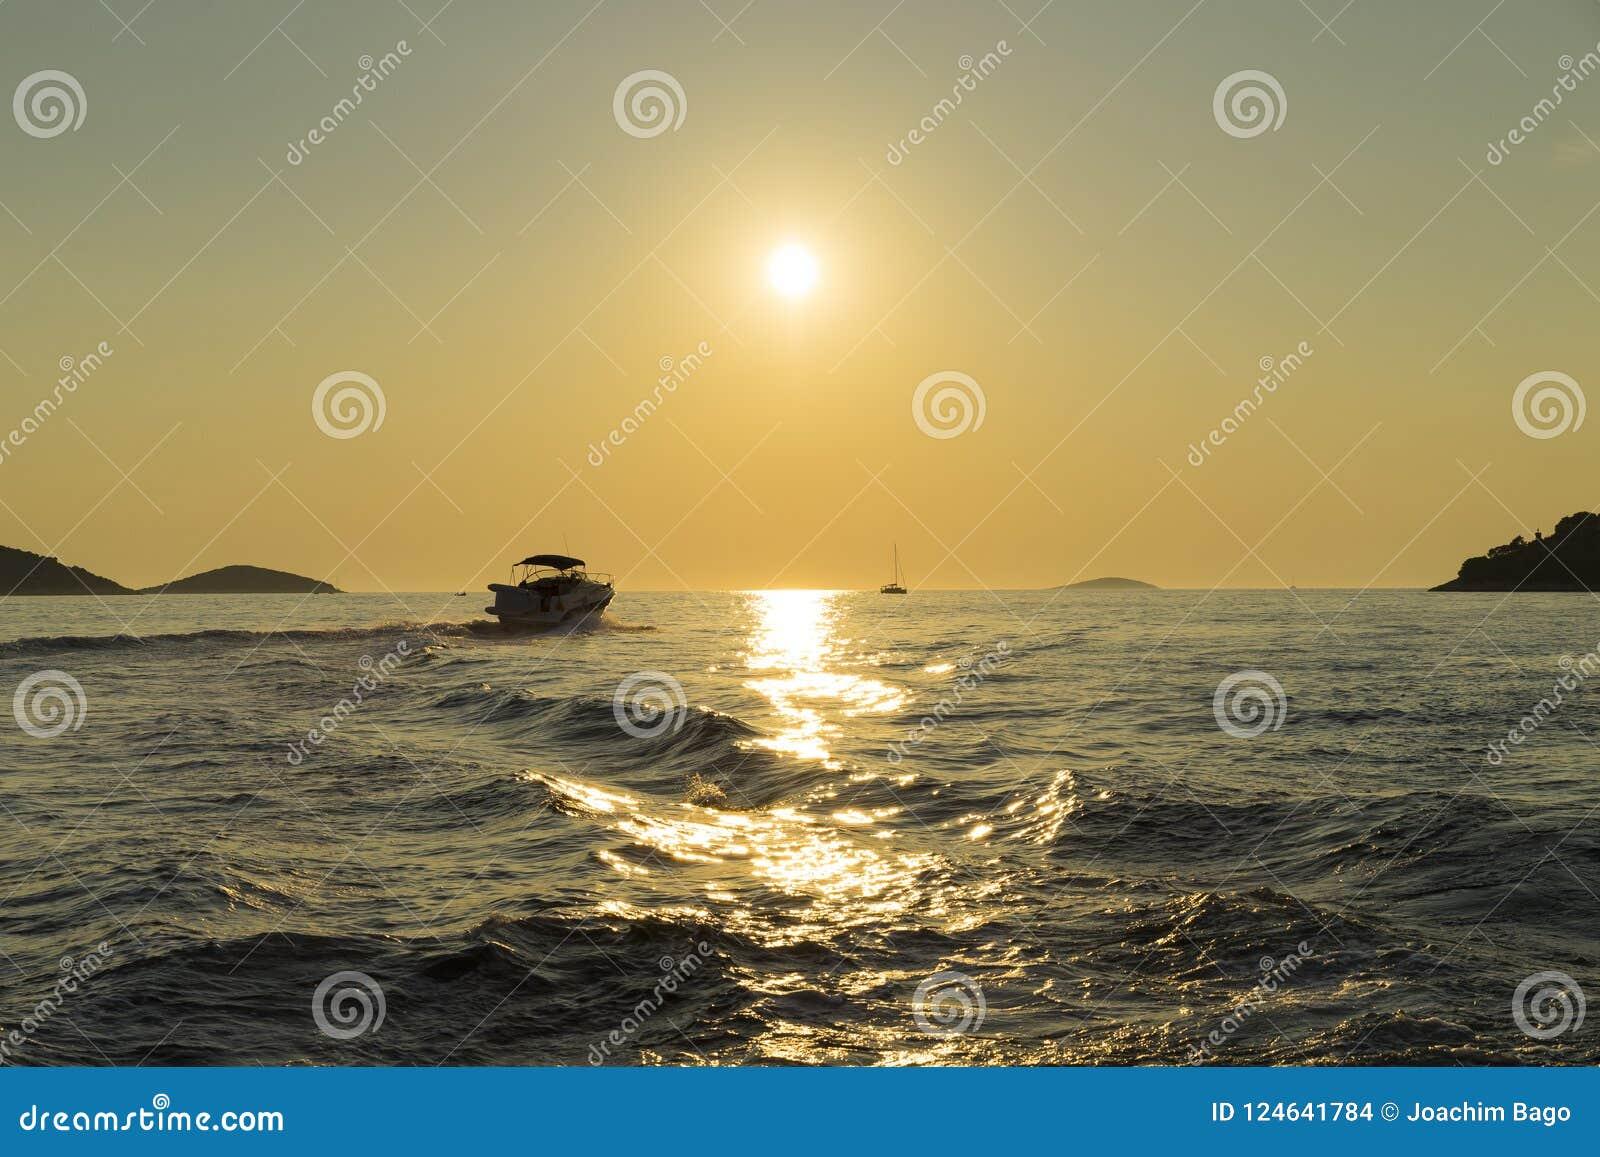 Όμορφη φωτογραφία φύσης και τοπίων της βάρκας στο ηλιοβασίλεμα στην αδριατική θάλασσα στην Κροατία